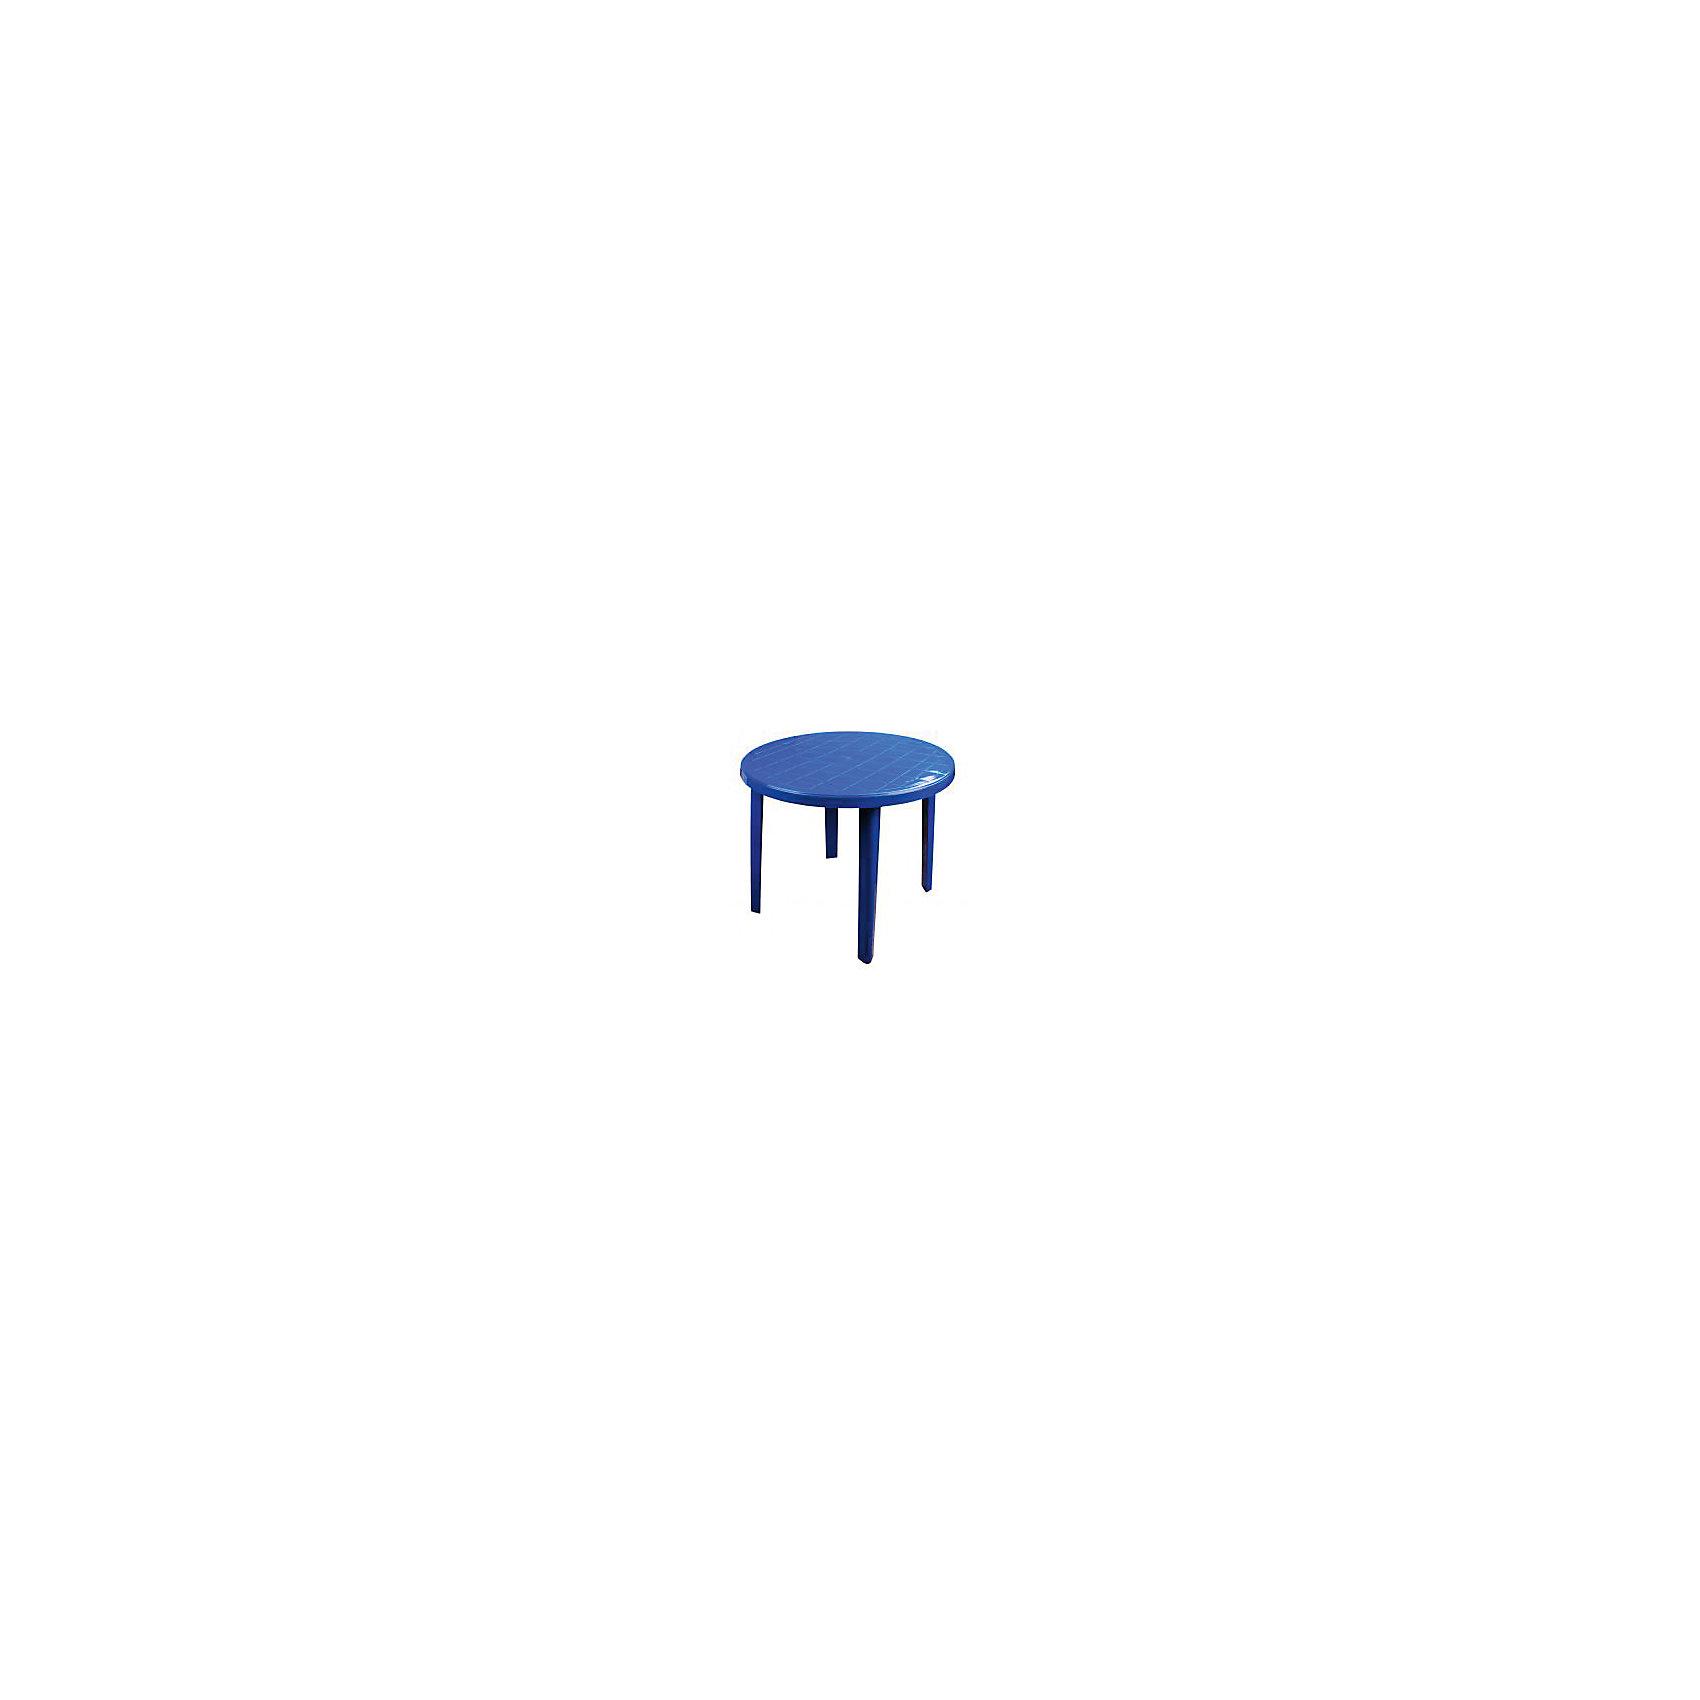 Стол Эконом 900х900х750, Alternativa, круглыйМебель<br>Стол Эконом 900х900х750, Alternativa (Альтернатива), круглый<br><br>Характеристики:<br><br>• яркий узор на поверхности<br>• цвет: темно-зеленый<br>• форма: круглый<br>• диаметр: 90 см<br>• размер: 90х90х75 см<br>• материал: пластик<br>• вес: 4,584 кг<br><br>Стол Эконом - приятное сочетание цены и качества. Он изготовлен из качественного прочного пластика с хорошей износостойкостью. Поверхность стола оформлена ненавязчивым узором в клетку. Лаконичный дизайн прекрасно подойдет к любому интерьеру. Стол устойчив и легко отмывается от загрязнений.<br><br>Стол Эконом 900х900х750, Alternativa (Альтернатива), круглый можно купить в нашем интернет-магазине.<br><br>Ширина мм: 900<br>Глубина мм: 900<br>Высота мм: 750<br>Вес г: 5000<br>Возраст от месяцев: 216<br>Возраст до месяцев: 1188<br>Пол: Унисекс<br>Возраст: Детский<br>SKU: 5475674